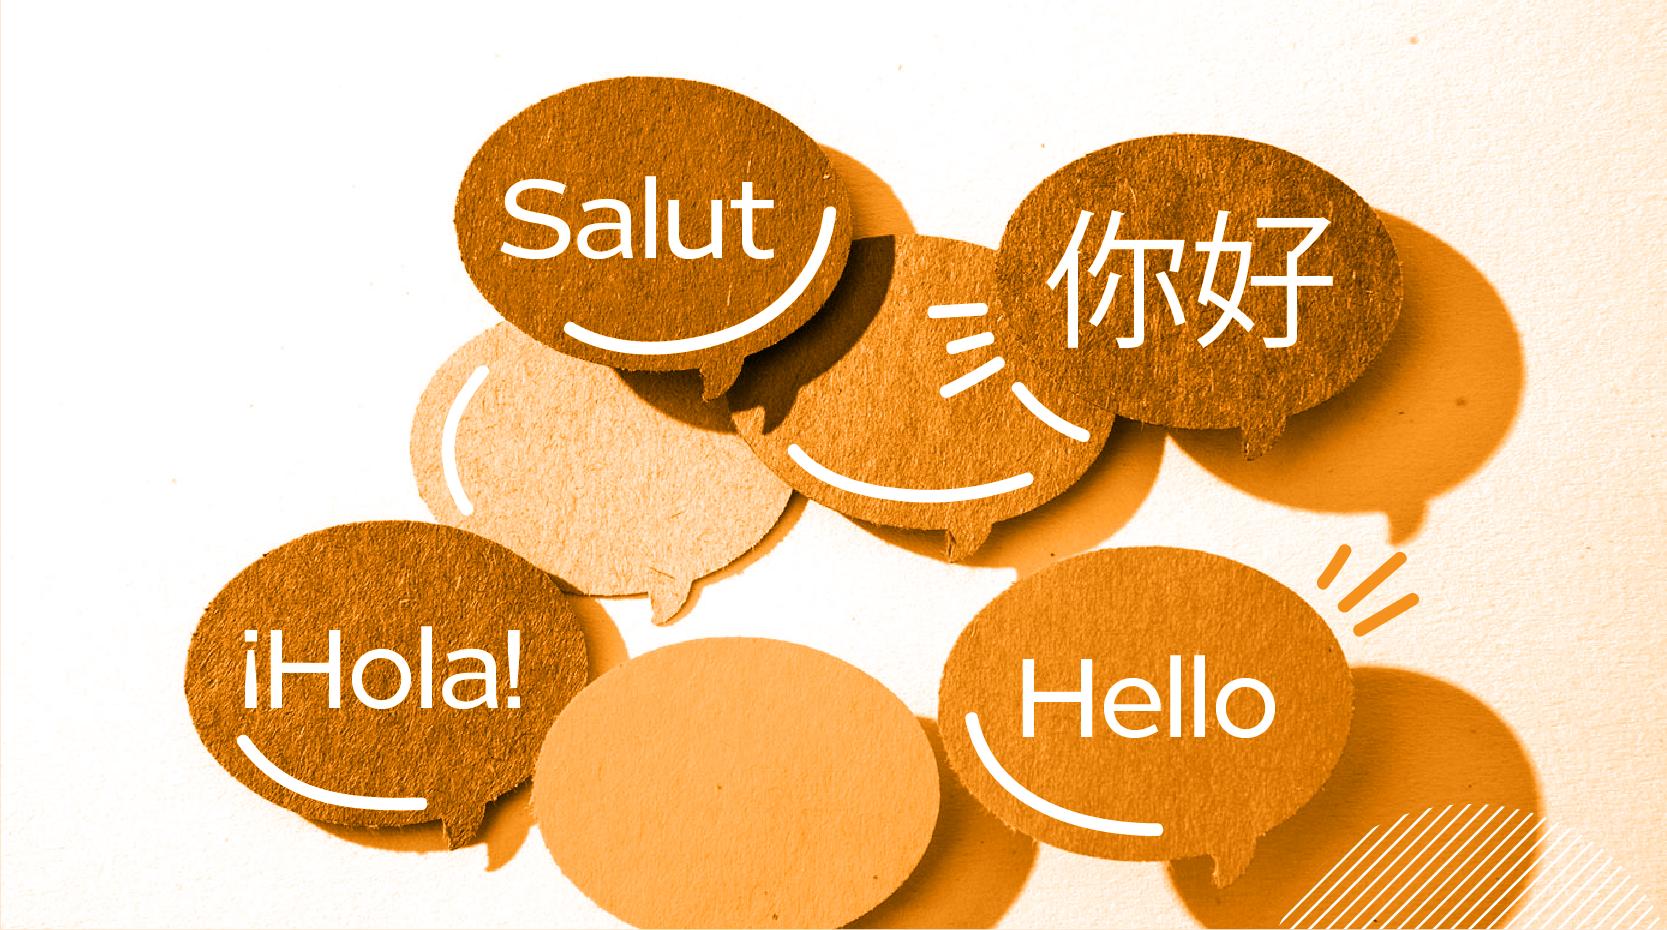 estudiar idiomas en la universidad